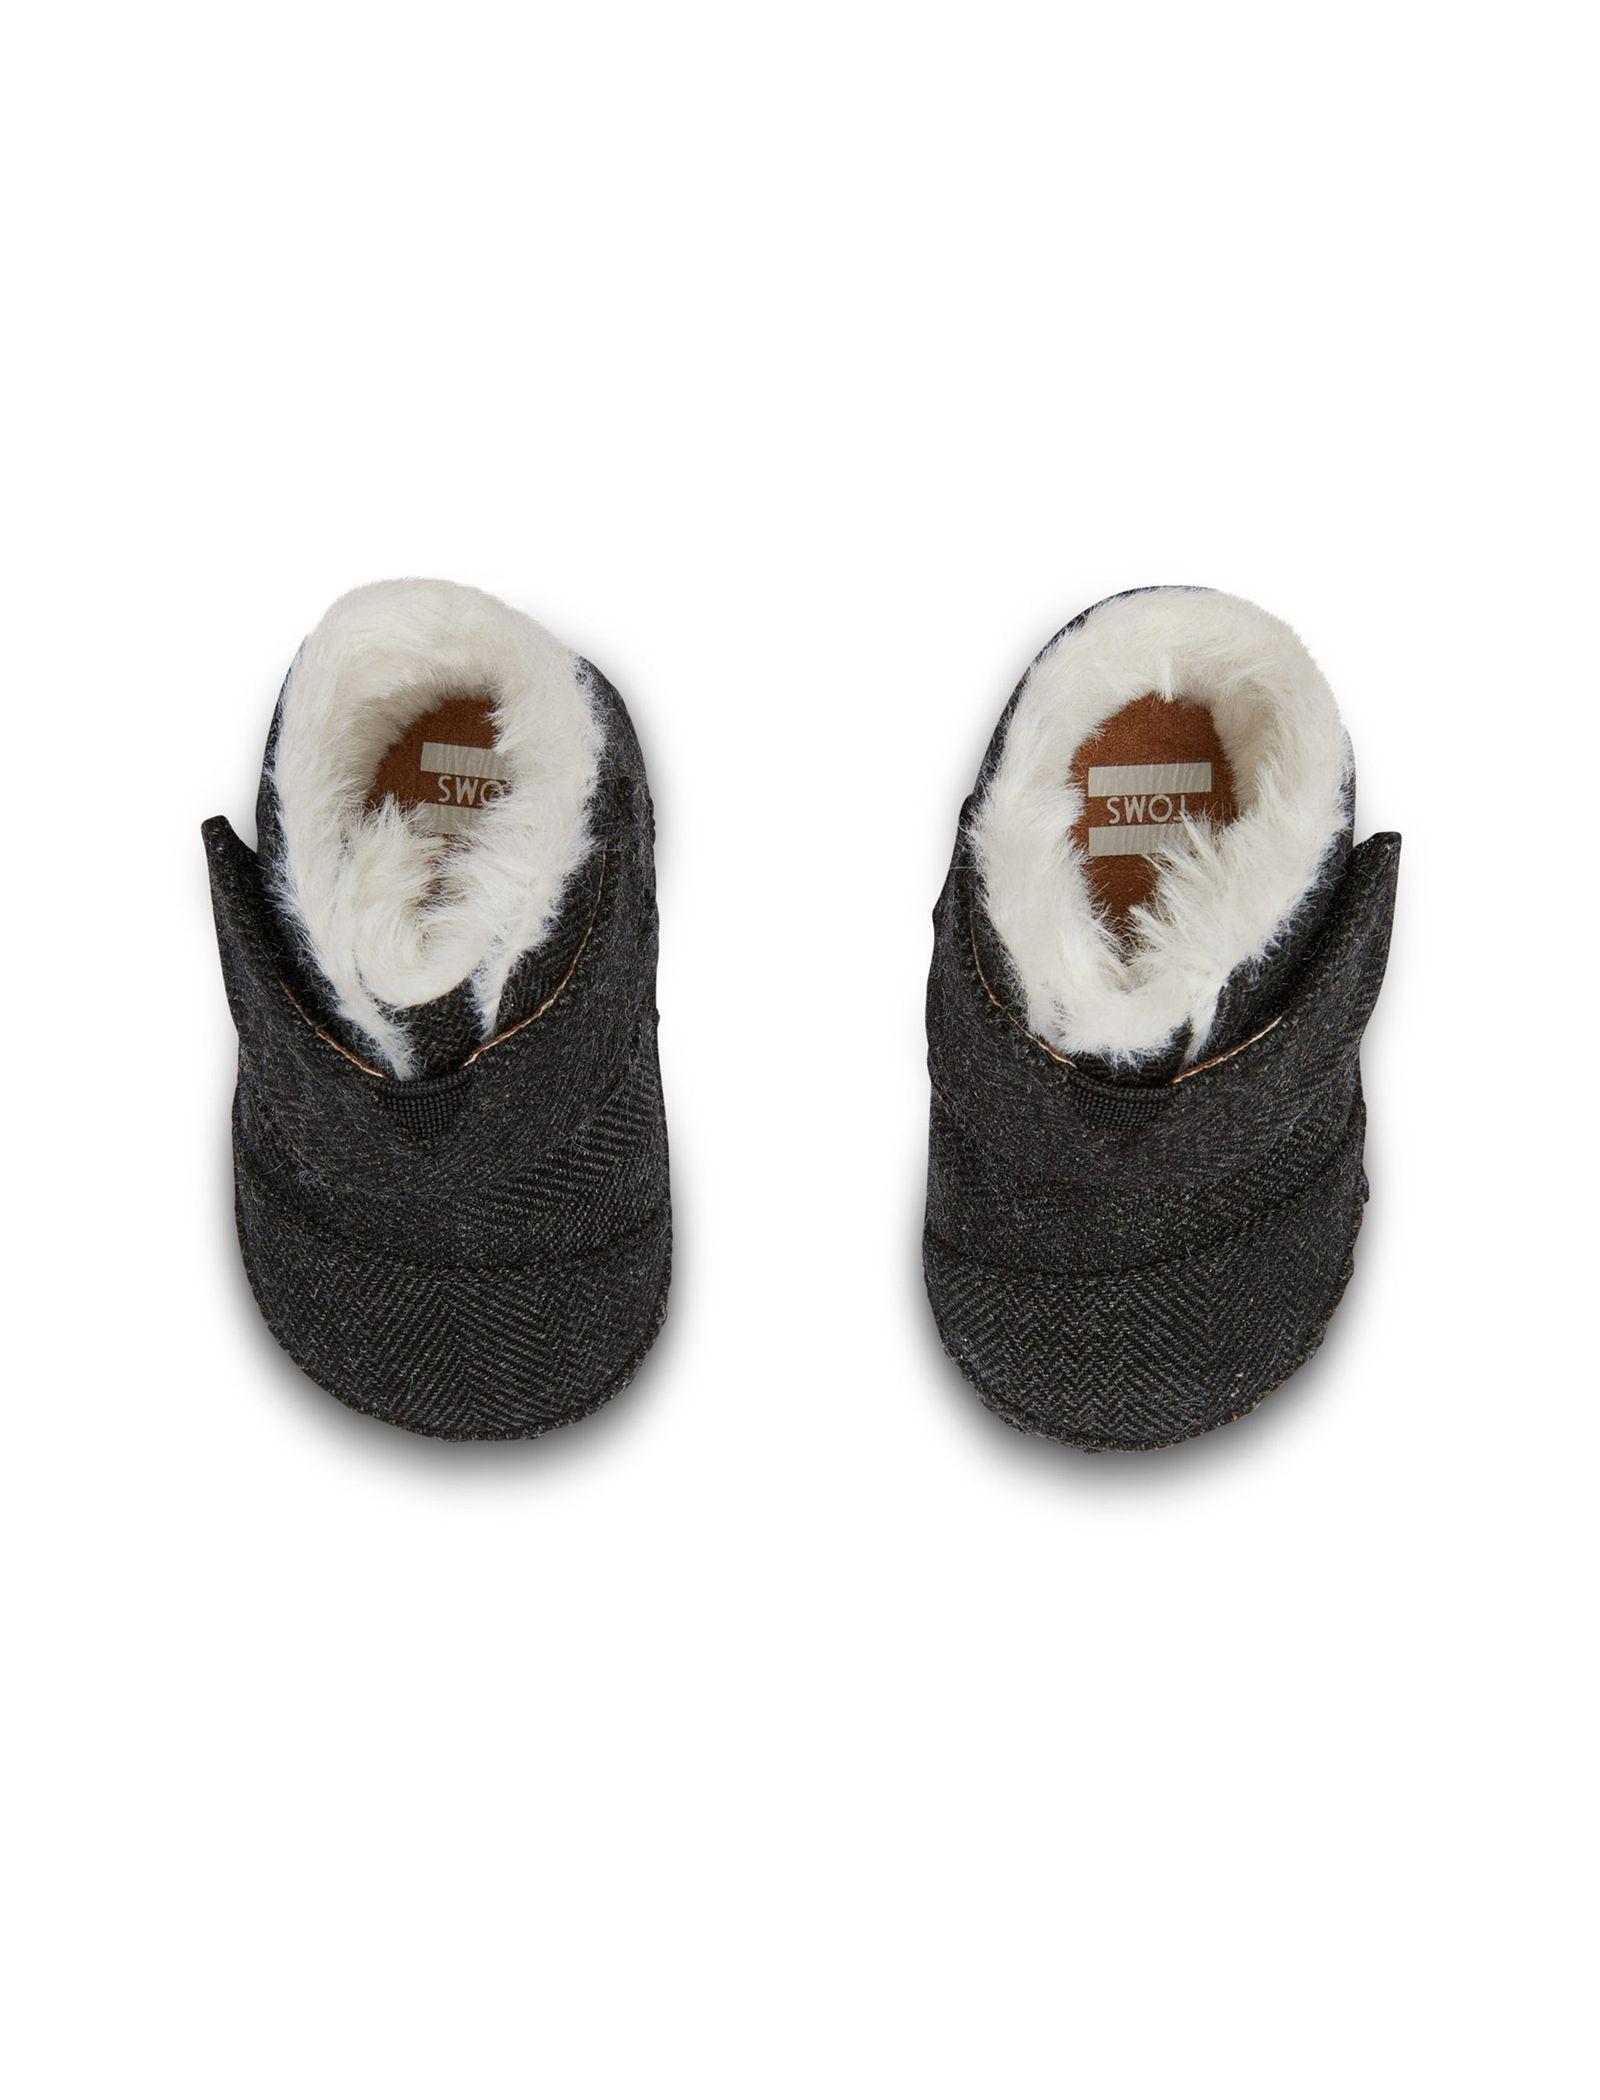 کفش پارچه ای چسبی نوزادی - تامز - مشکي - 2